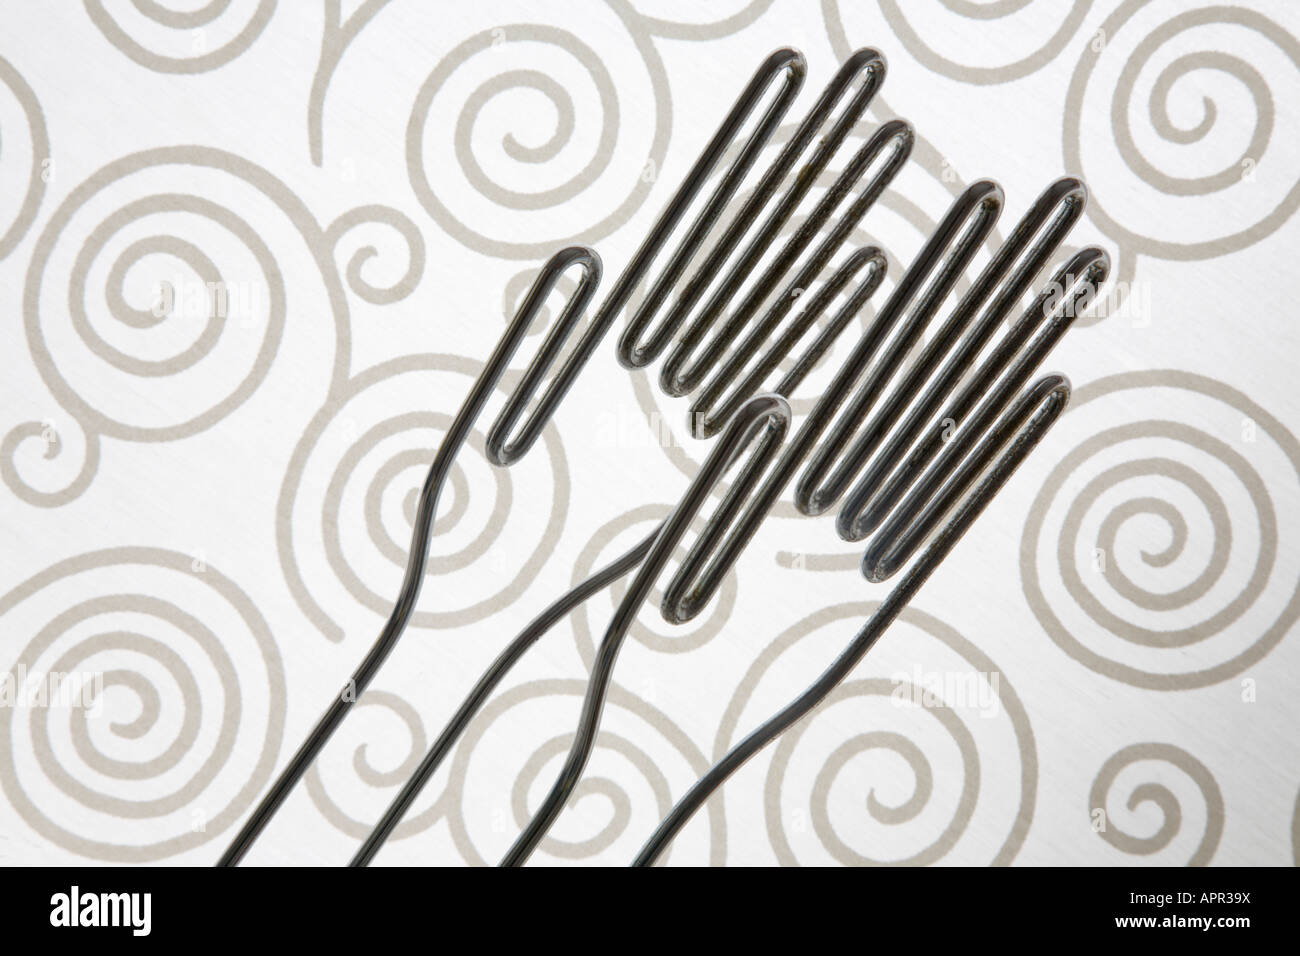 Draht Hände für die Abhaltung Gummihandschuhe vor einem wirbelte ...